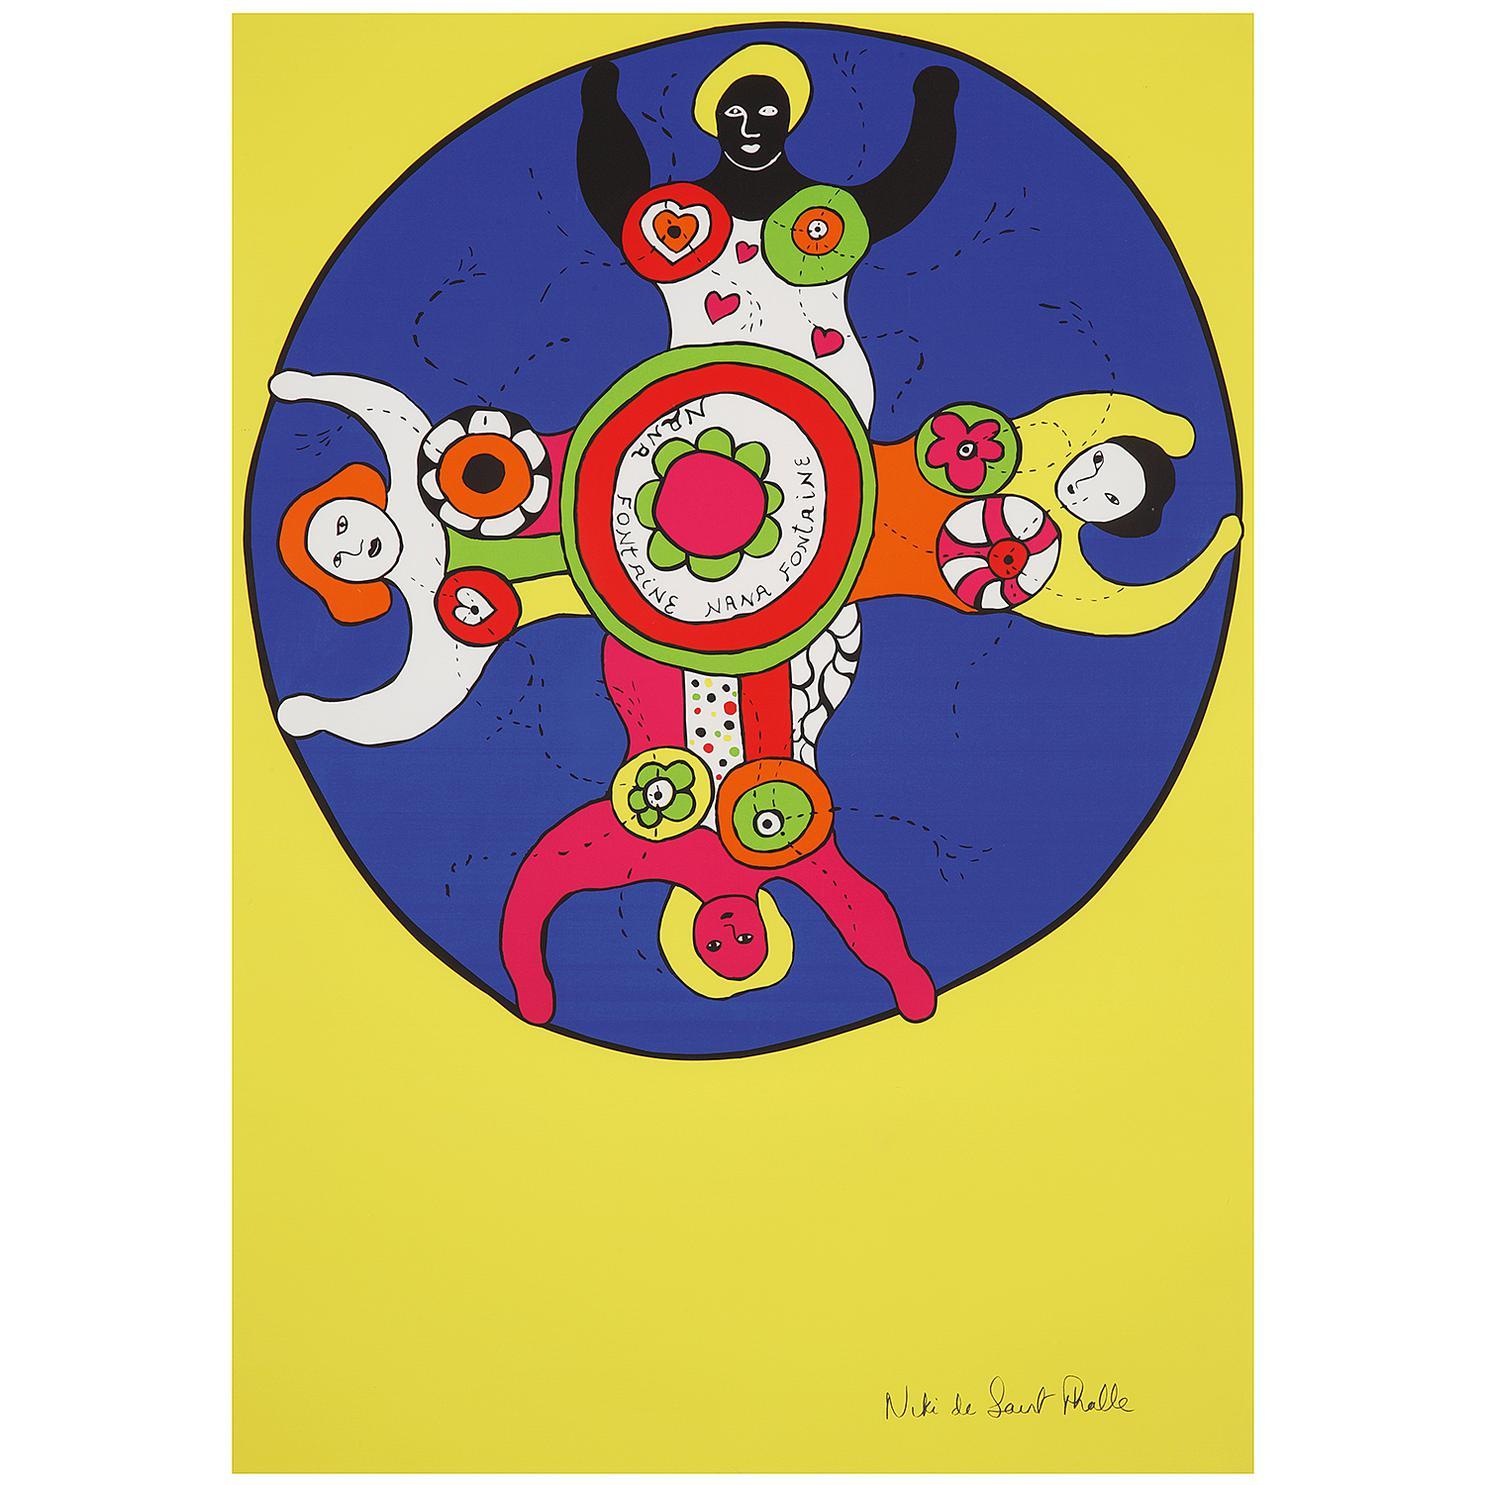 Niki de Saint Phalle-Nana Fontaine-1989